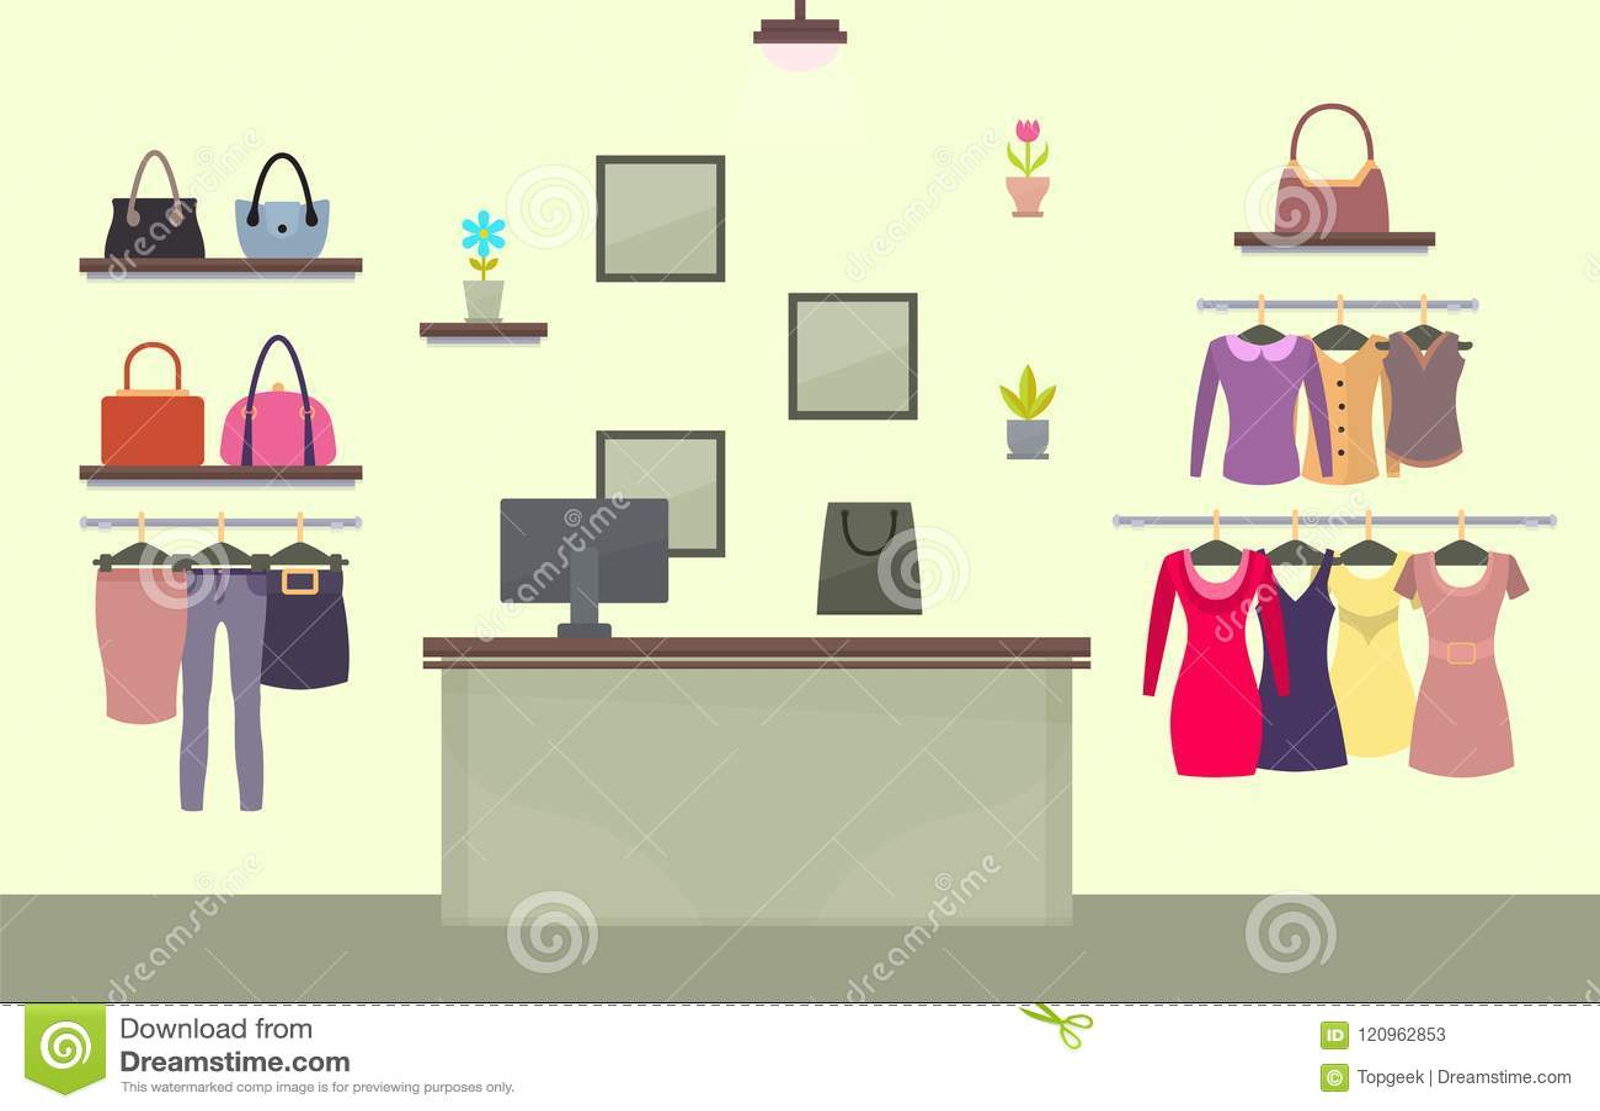 024660a0e Tienda De La Moda Con Ropa Para Mujer Y Accesorios Ilustración del ...